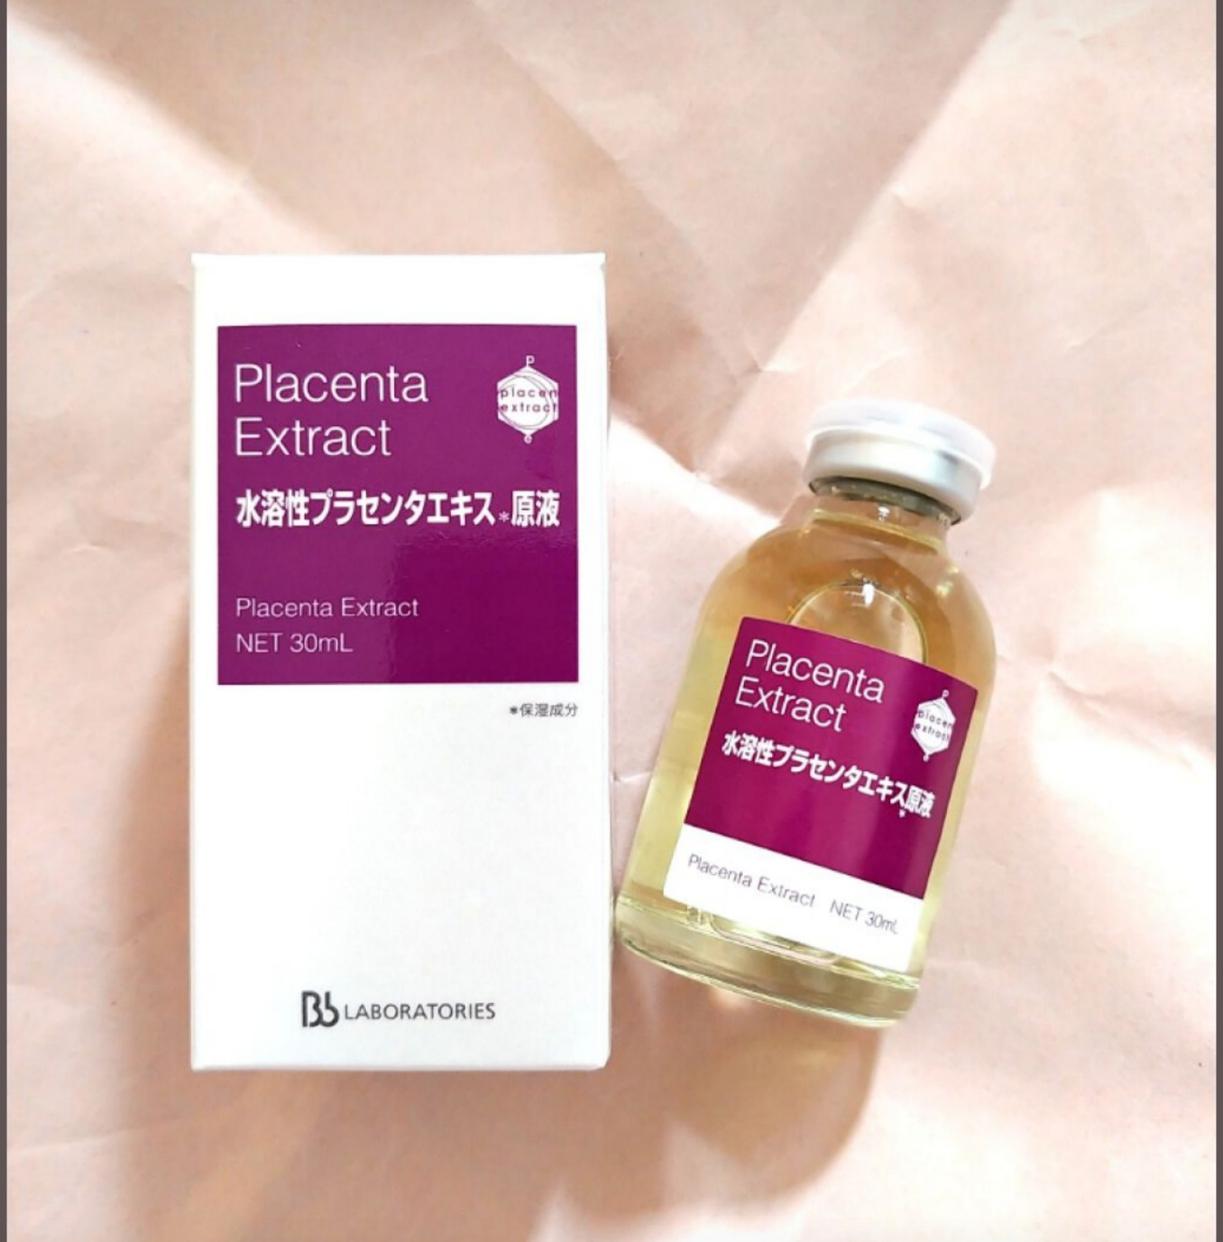 BB LABORATORIES(ビービーラボラトリーズ) 水溶性プラセンタエキス原液を使ったたまコングさんのクチコミ画像1